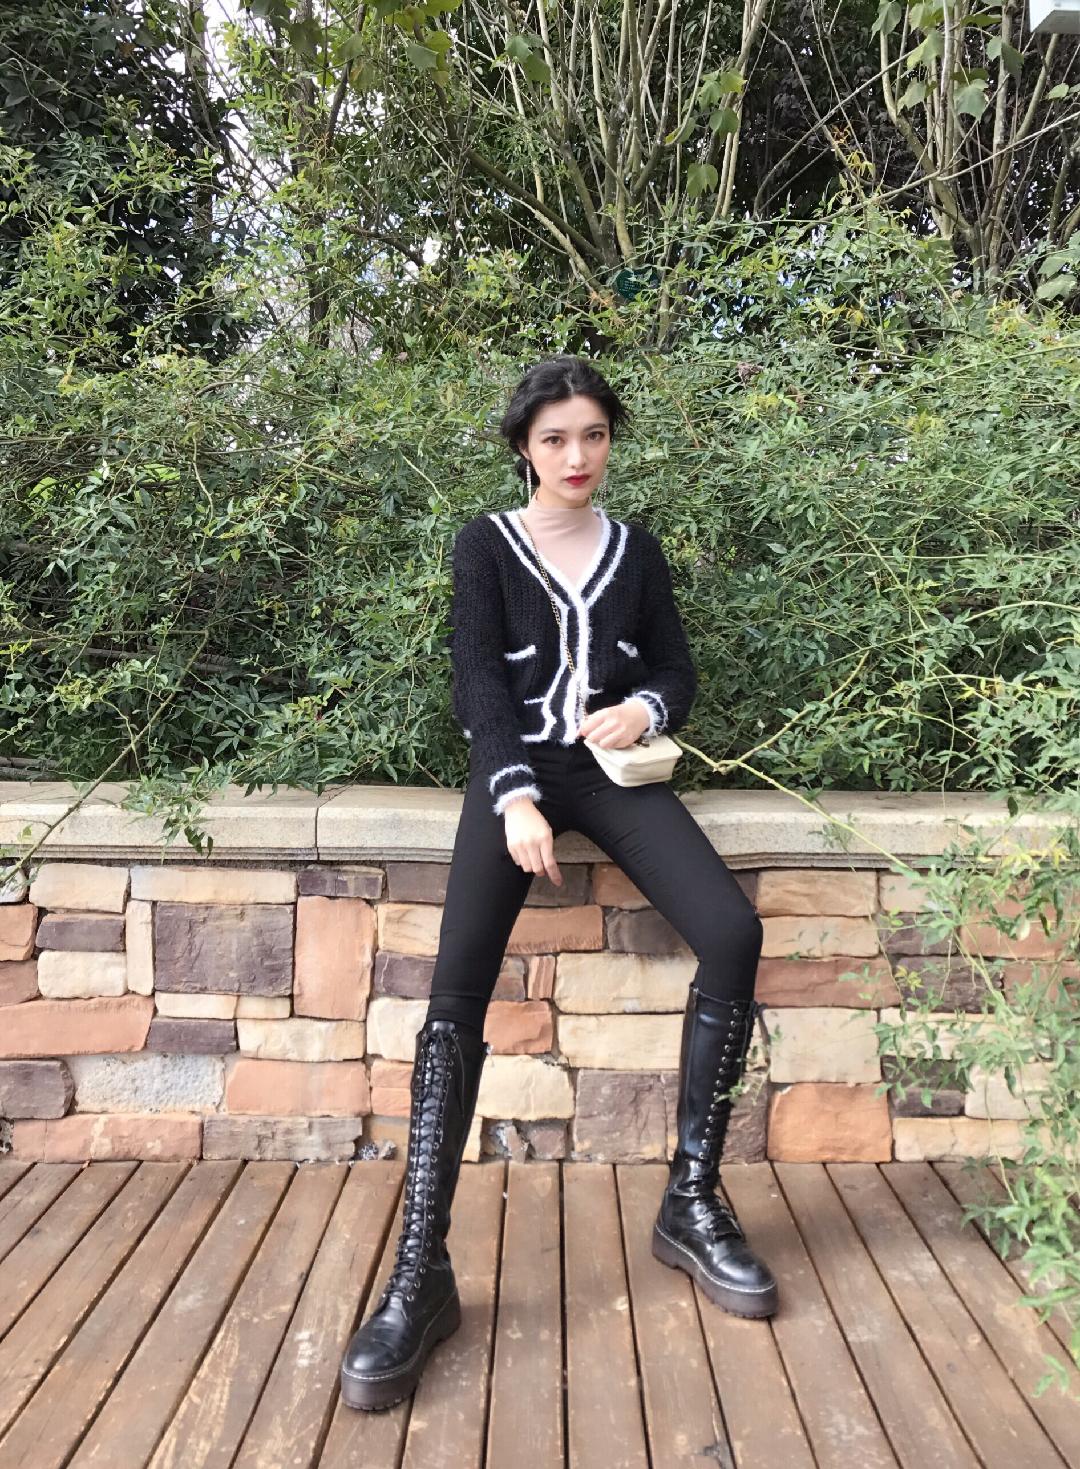 #凹造型我是不可能输的!#小香风外套今年特别流行,喜欢追赶潮流的我自然也要get 起来。搭配紧身打底裤和我的战靴,又酷又美,建议喜欢的小仙女们也都安排上一件噢,让我们一起造型凹起来。🤓🤓